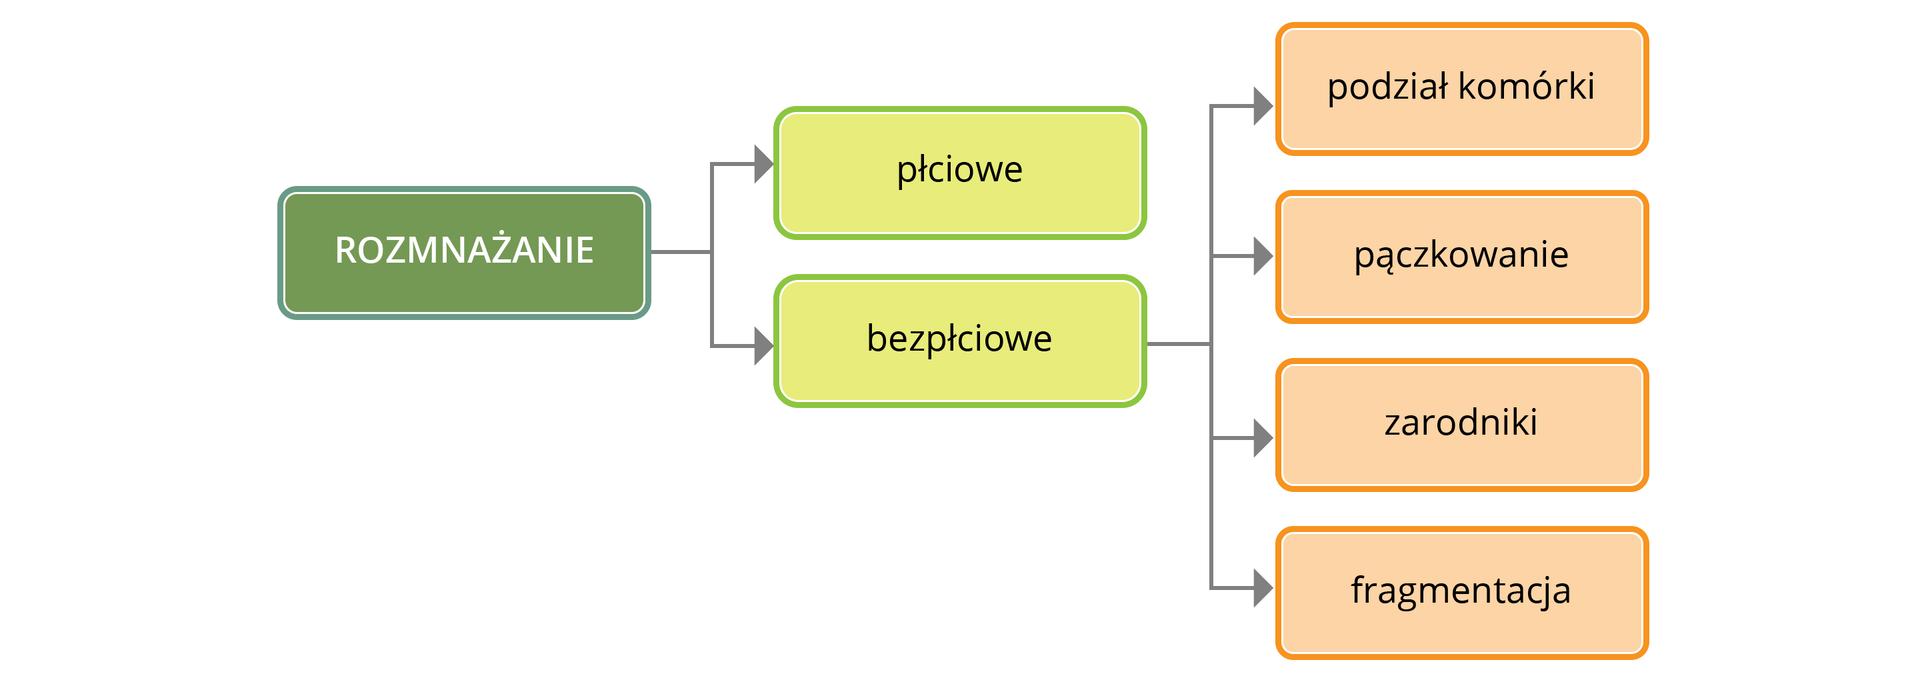 Ilustracja przedstawia kolorowe czworokąty ztekstem osposobach rozmnażania. Zielony zlewej ma napis rozmnażanie. Od niego dwie strzałki wskazują dwa żółte prostokąty jeden pod drugim, opisane: płciowe ibezpłciowe. Od dolnego prowadzą cztery strzałki do różowych prostokątów po prawej. Od góry opisano wnich sposoby rozmnażania bezpłciowego: podział komórki, pączkowanie, zarodniki, fragmentacja.